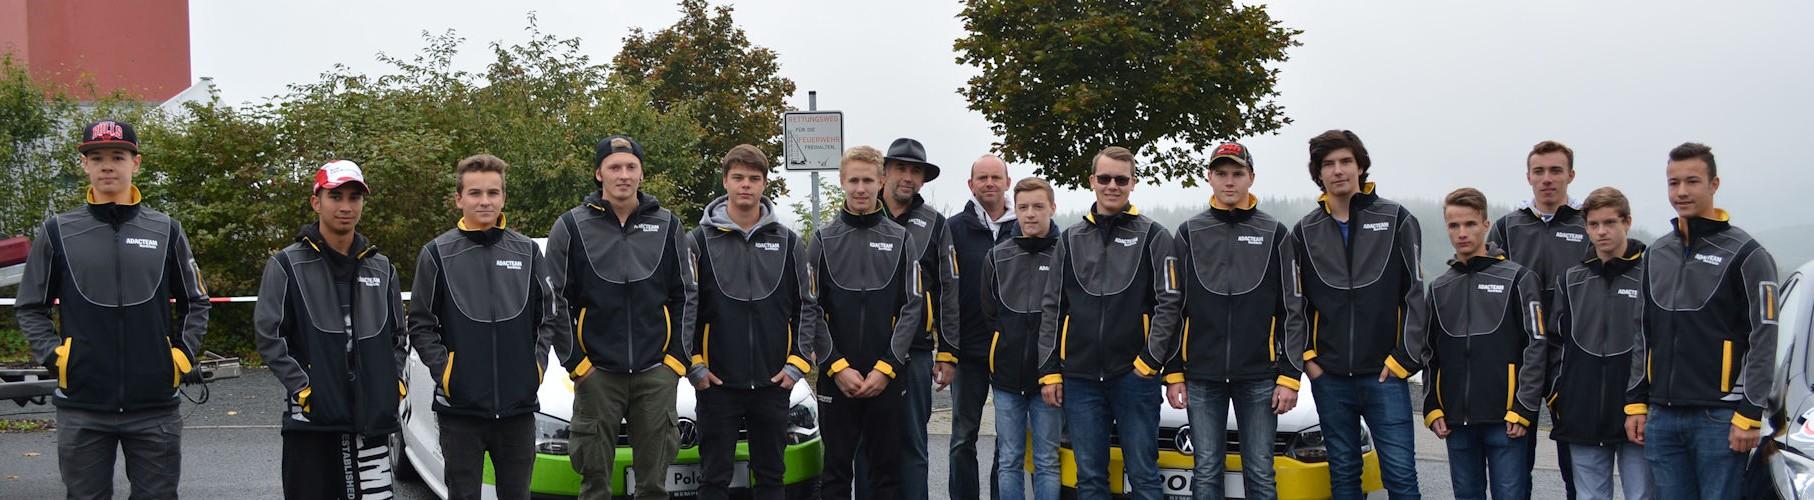 Die Teilnehmer der NRW Junioren Slalom Meisterschaft